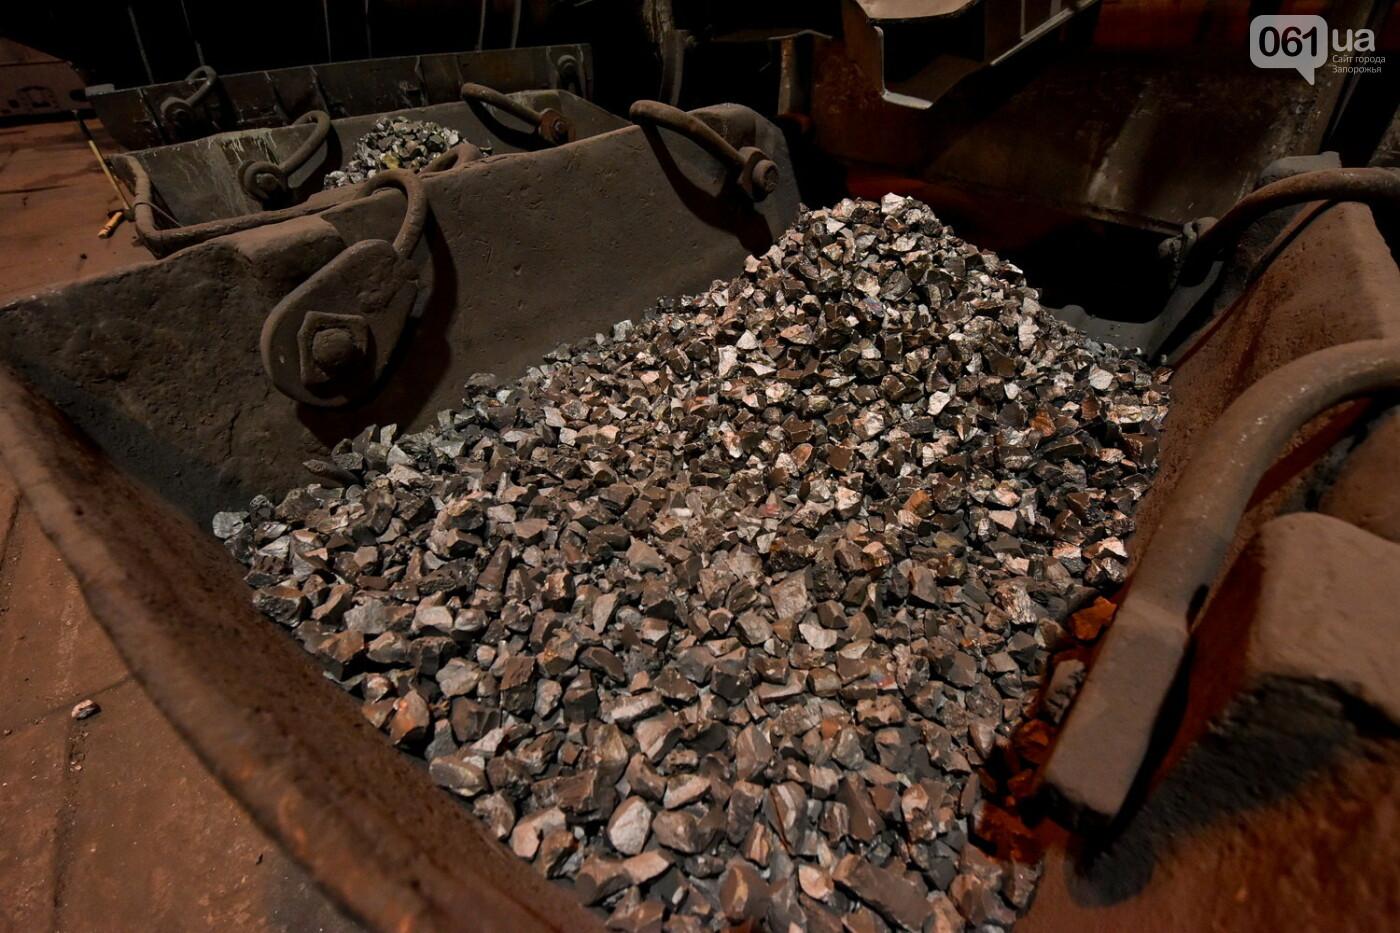 Как руду превращают в ферросплавы: экскурсия на производство, – ФОТОРЕПОРТАЖ, фото-63